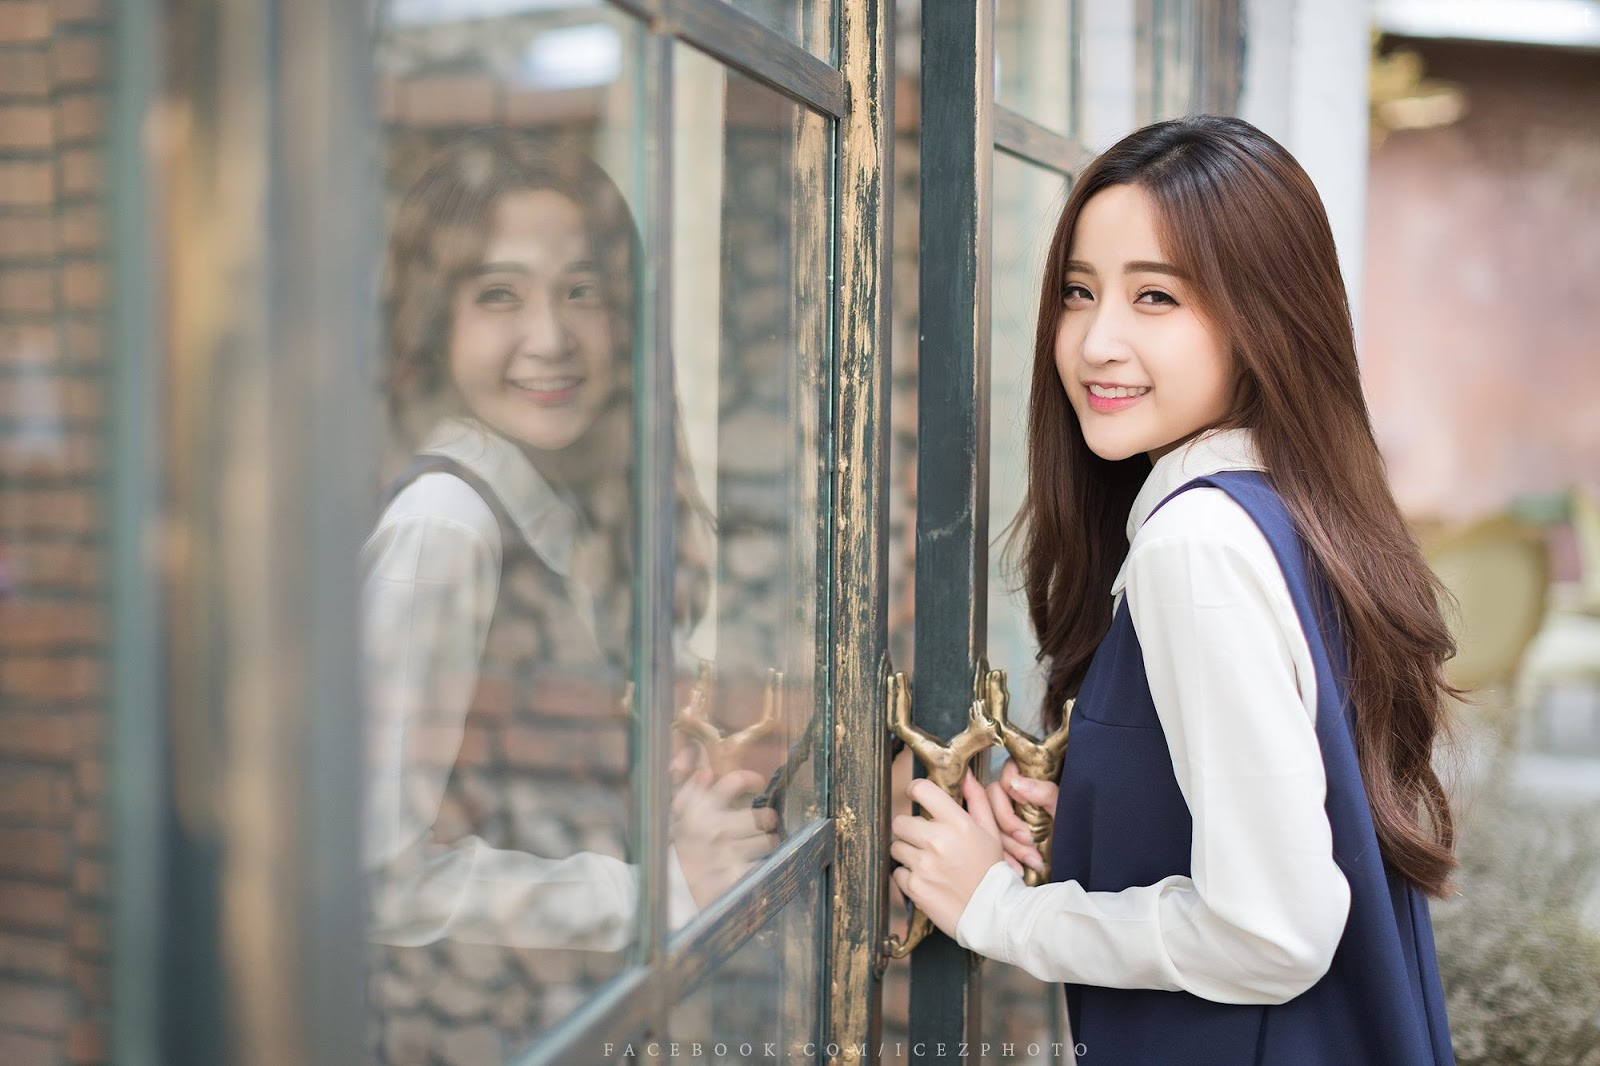 Thailand Hot Girl - Thanyarat Charoenpornkittada - Welcome to my world - TruePic.net - Picture 10